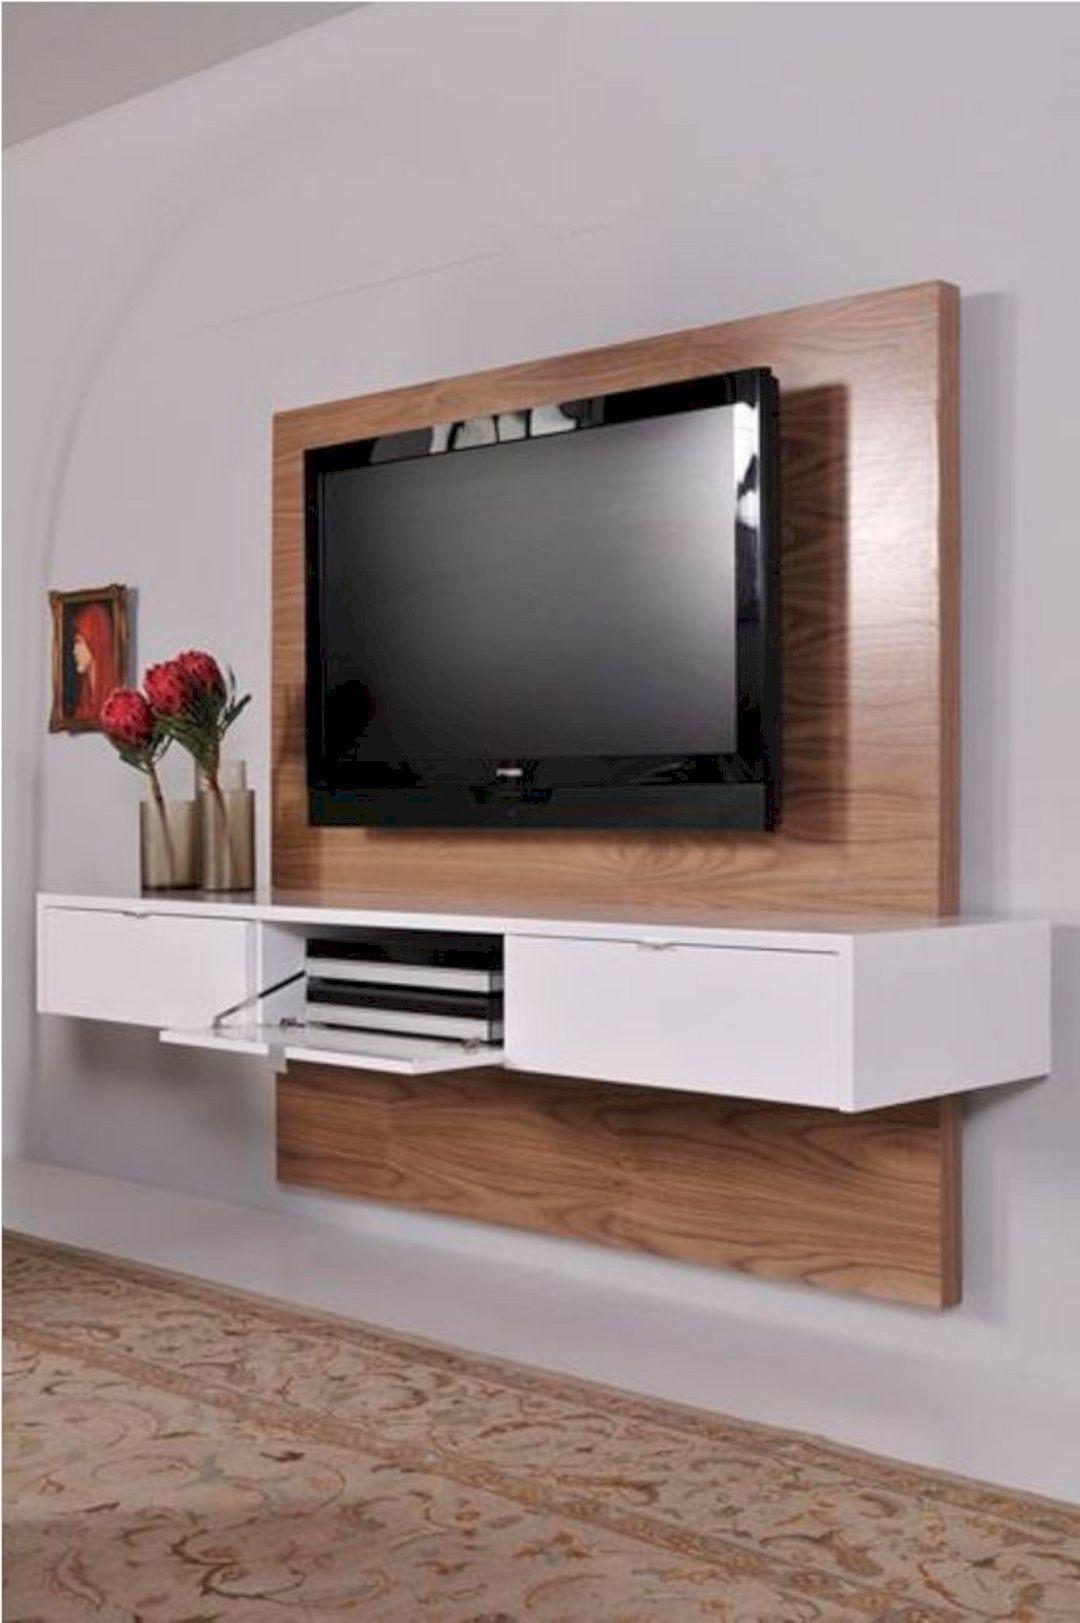 16 Interior Design Ideas for LED TV | Gorgeous Interior ...